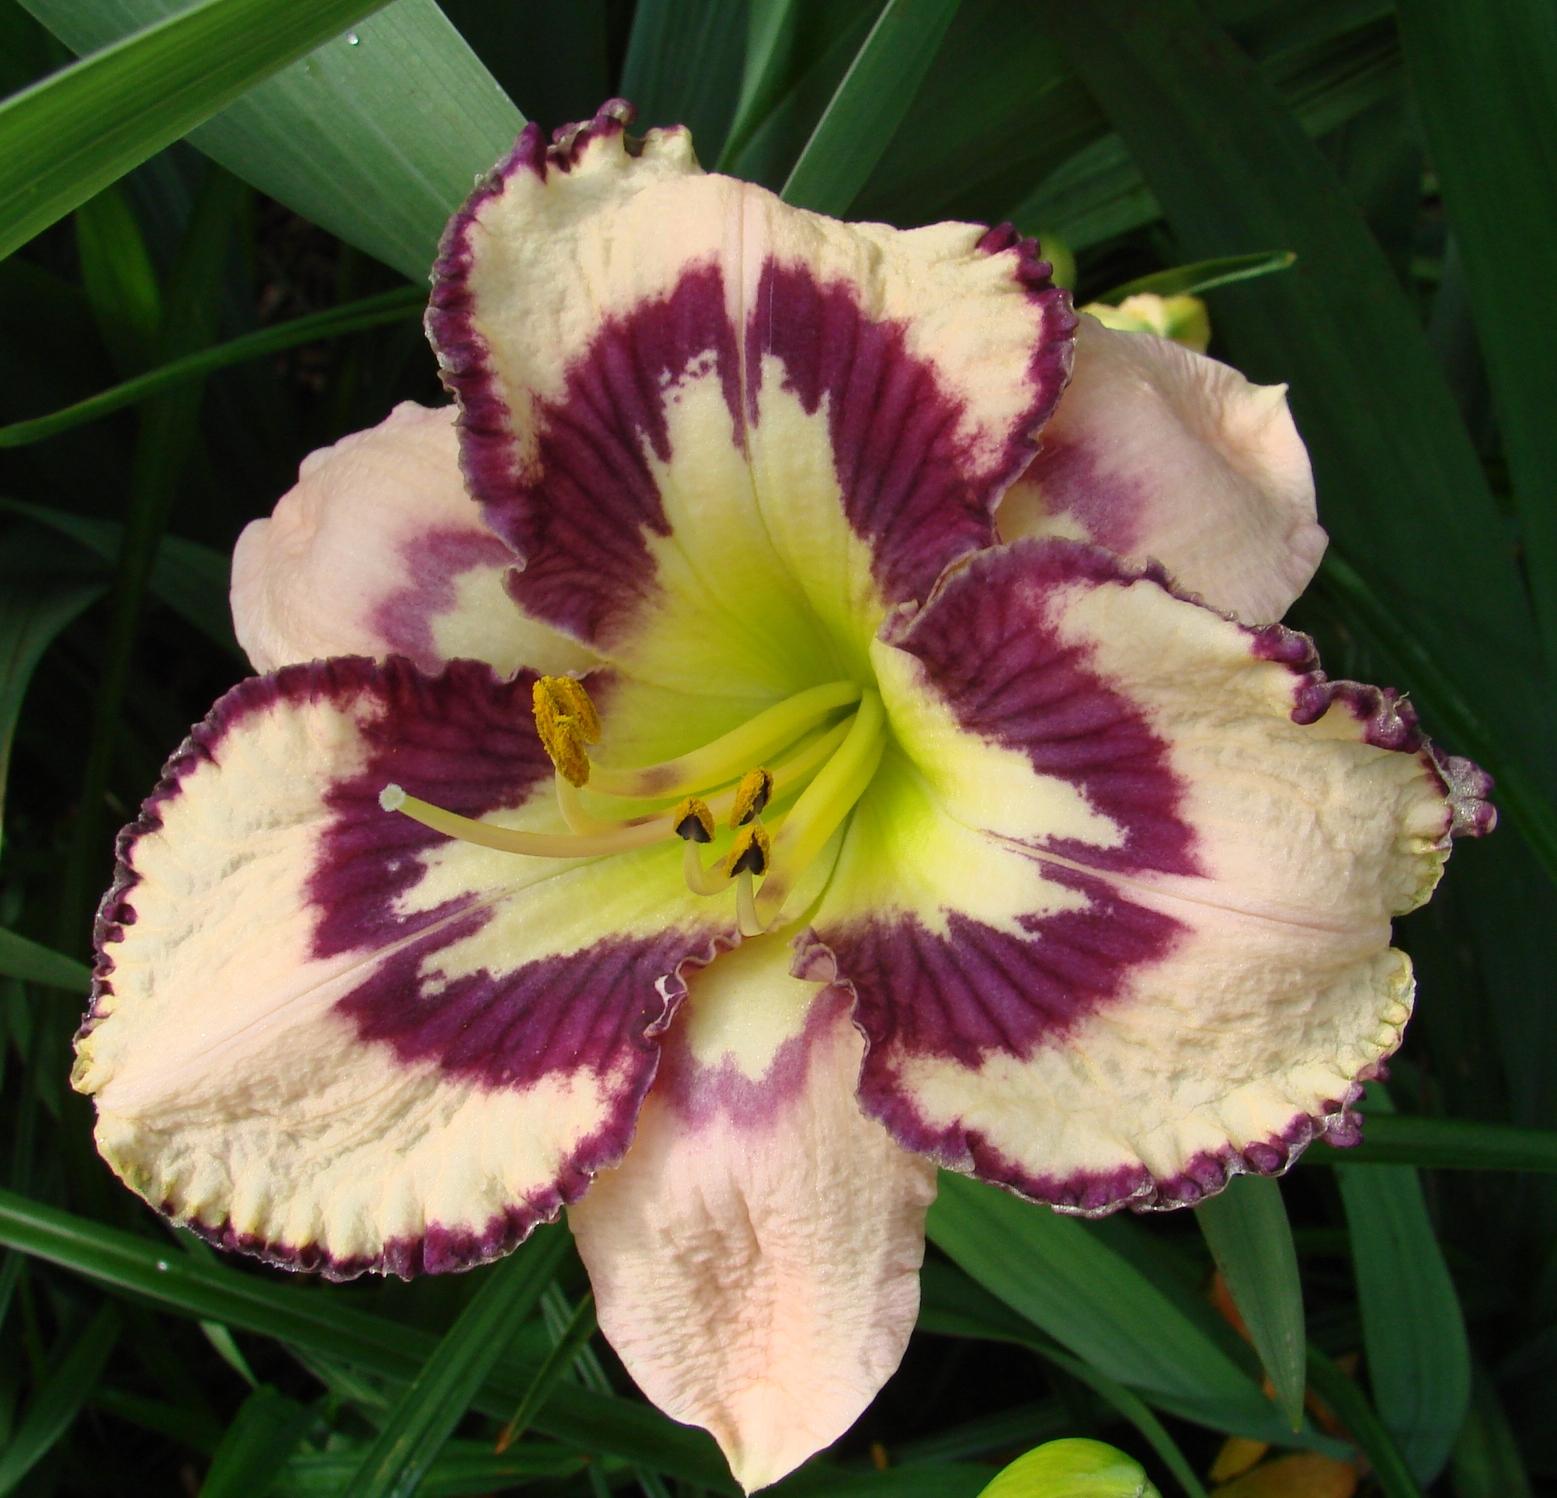 Earthly treasures daylily garden bella isabella bella isabella izmirmasajfo